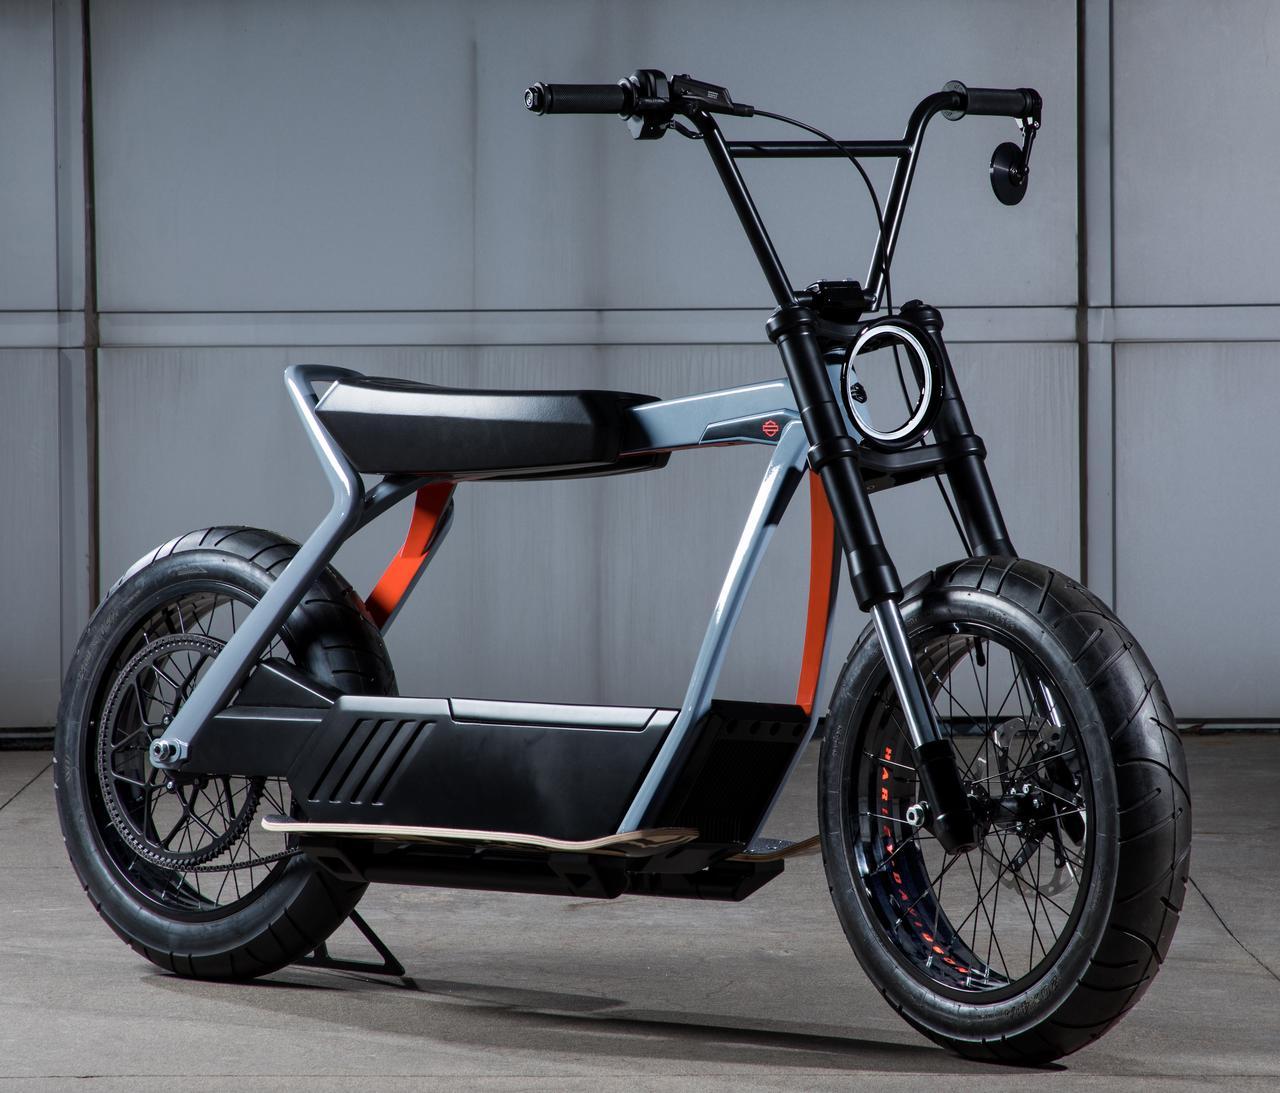 画像2: 電動バイク時代のリーダーを目指すH-Dの新型車は、軽量モデルだった!